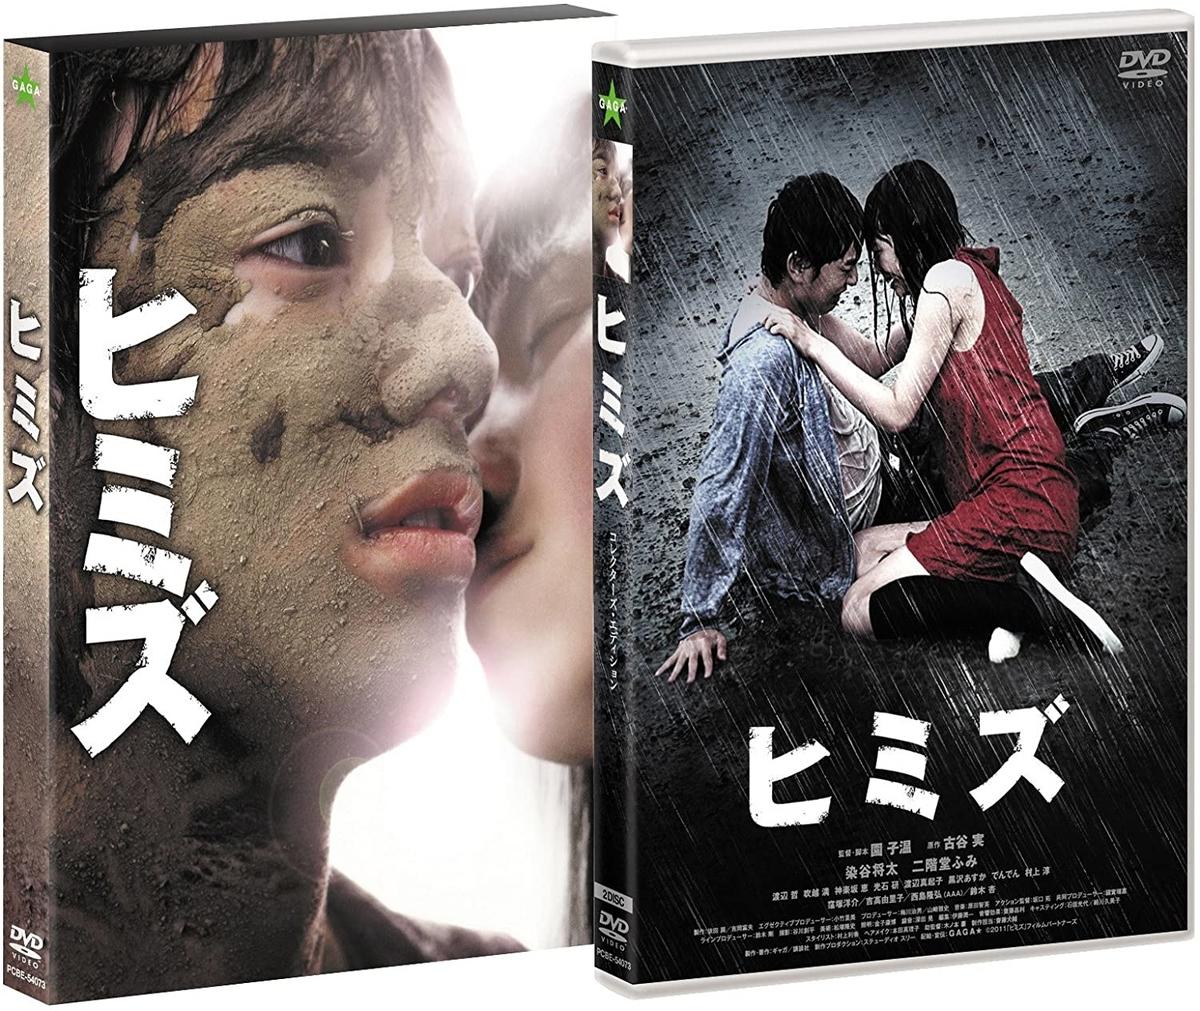 『ヒミズ コレクターズ・エディション DVD』ポニーキャニオン、2012年